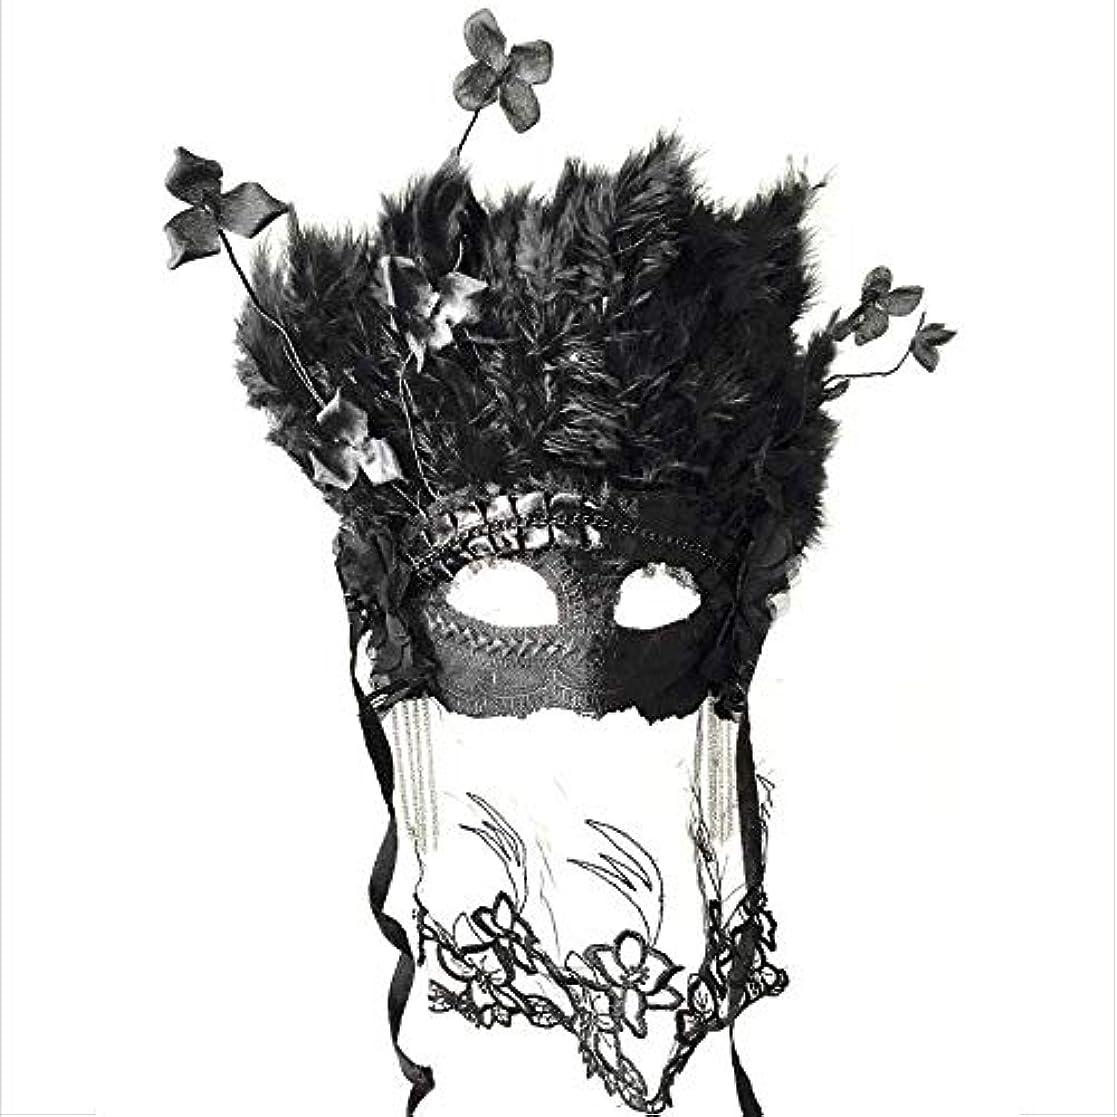 ゴミ箱を空にする引き算チャンバーNanle ハロウィンクリスマスベールドライフラワーフェザータッセルマスク仮装マスクレディミスプリンセス美容祭パーティーデコレーションマスク